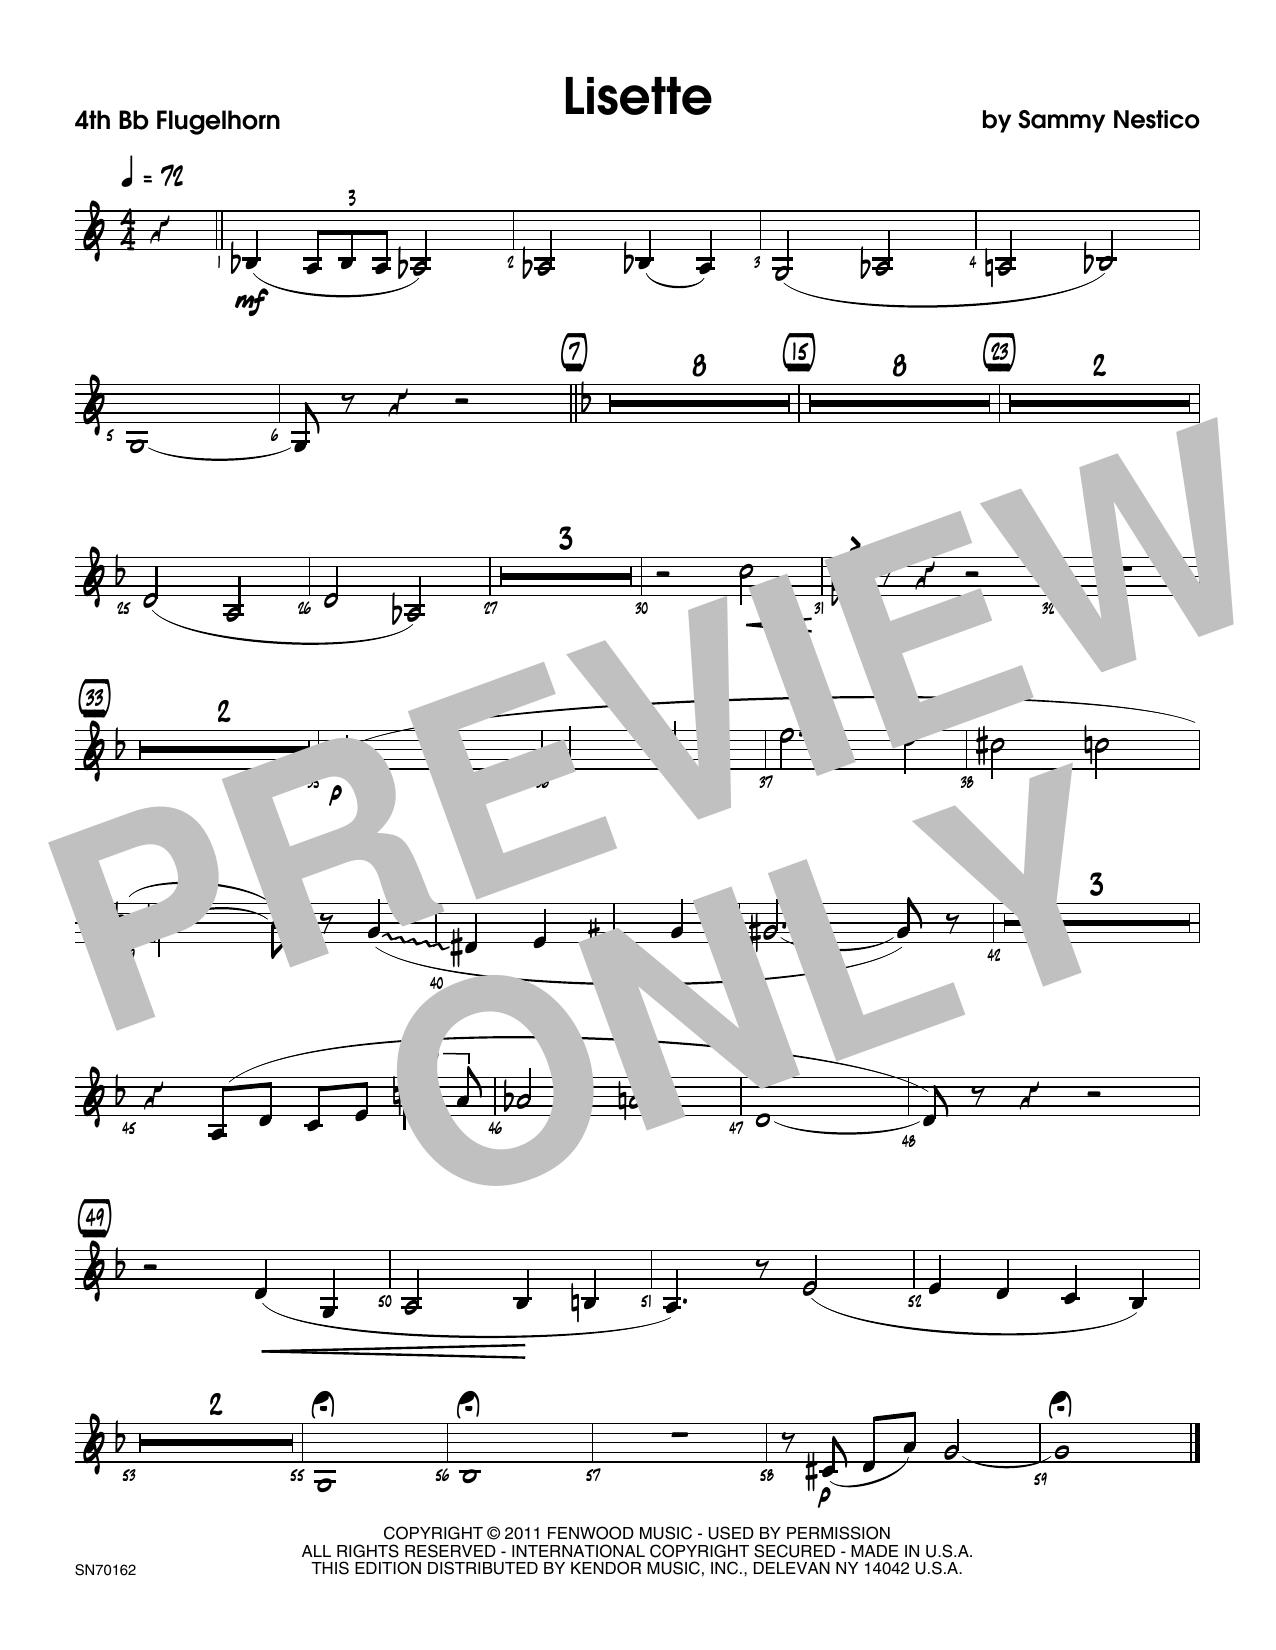 Lisette - 4th Bb Trumpet Sheet Music